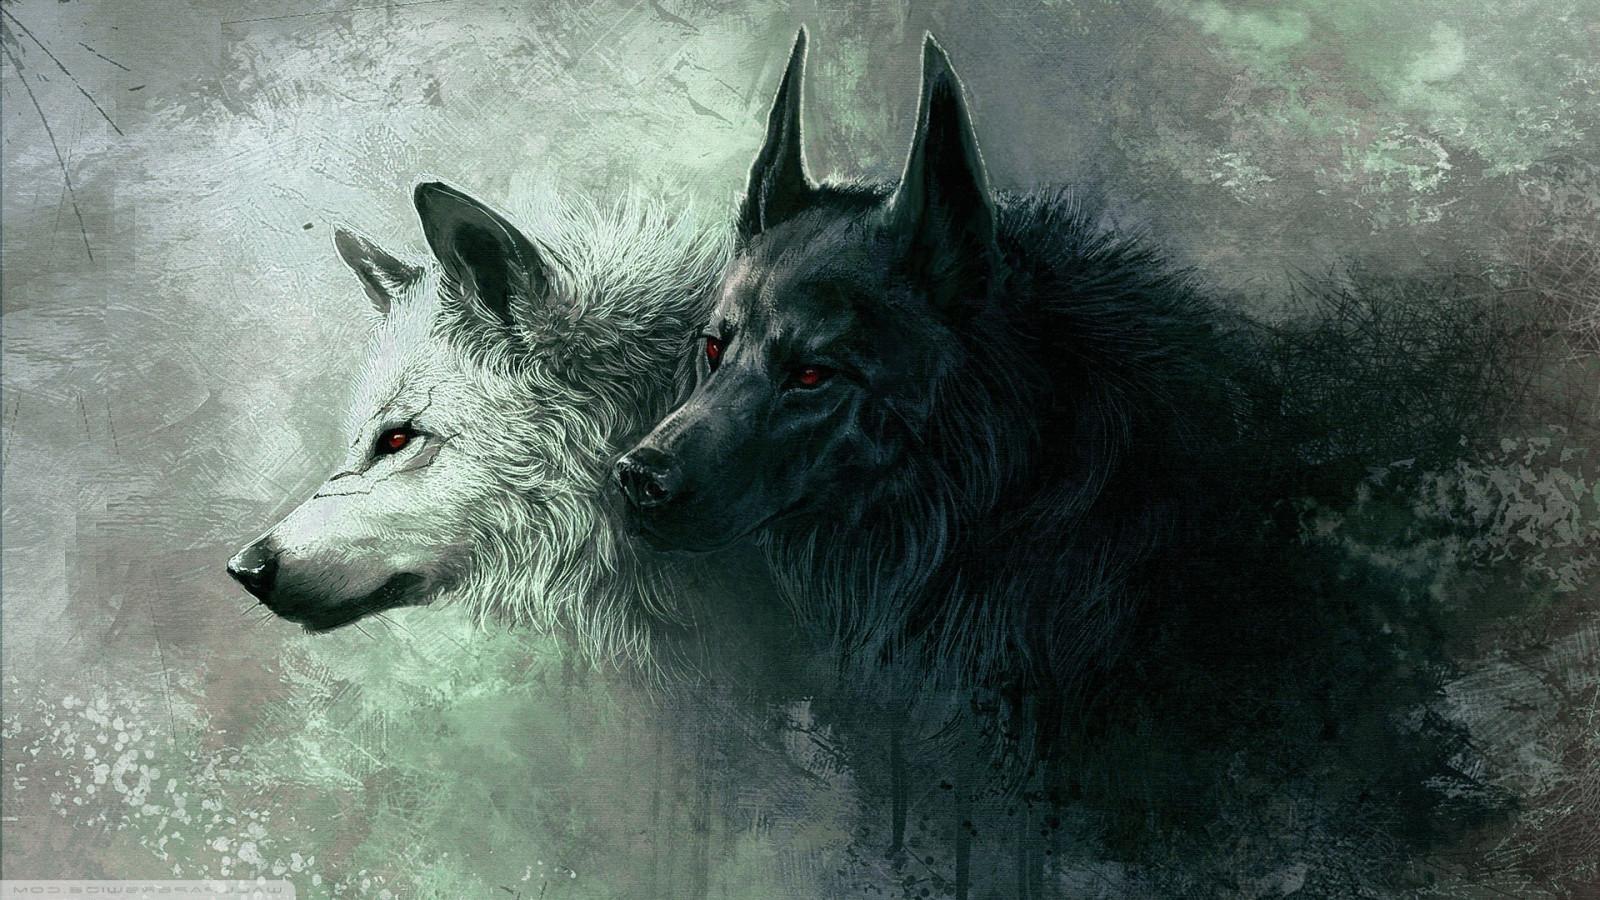 Papel De Parede 1920x1080 Px Playerunknowns: Papel De Parede : Animais, Lobo, 1920x1080 Px, Personagem